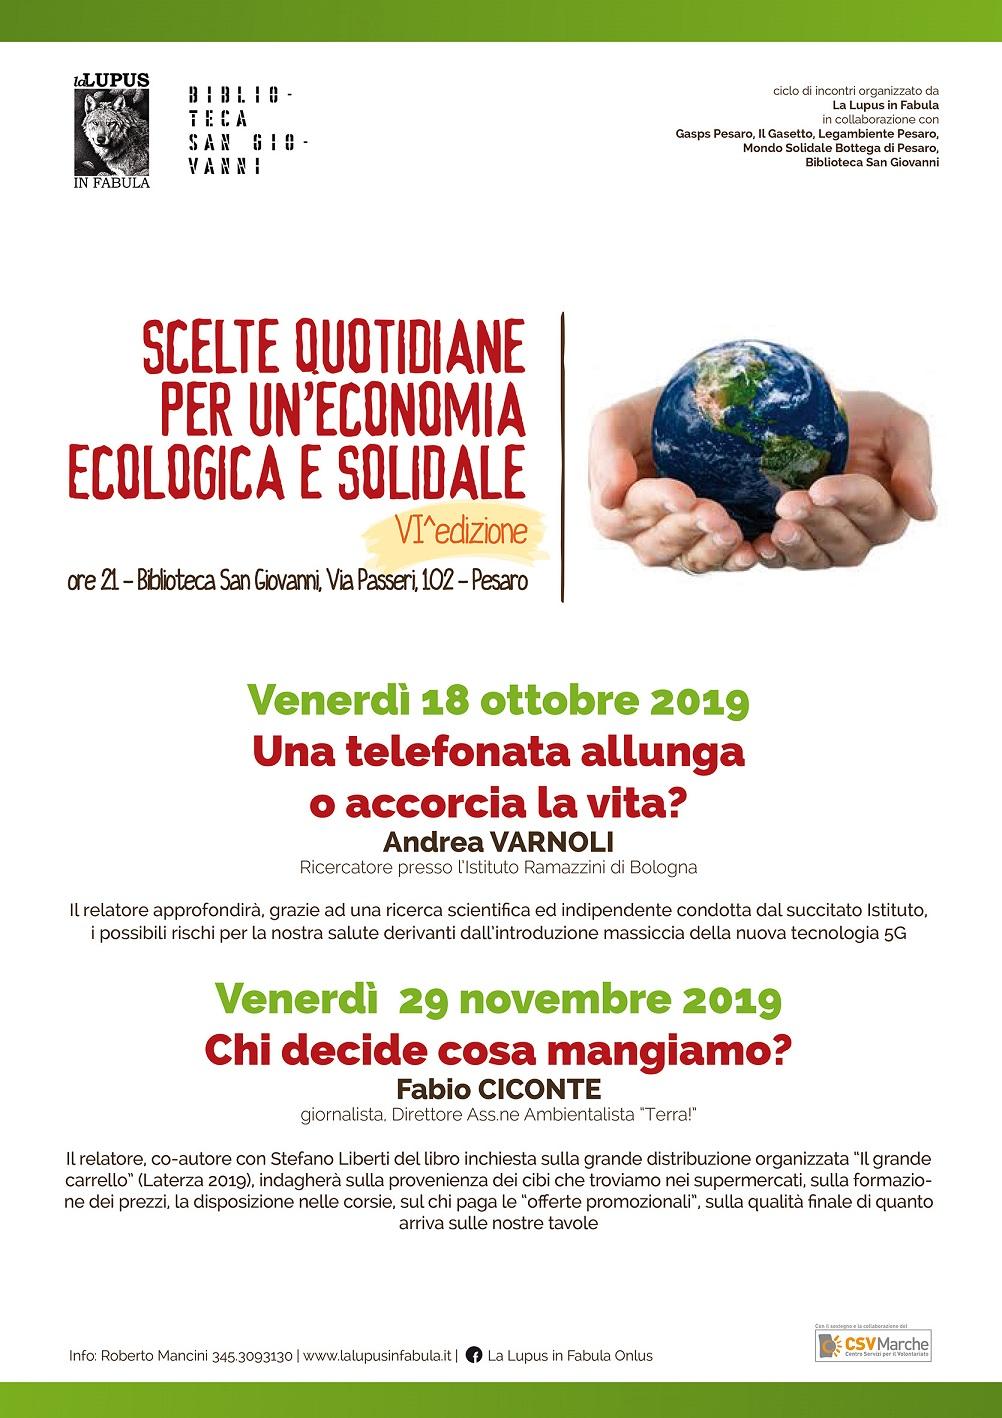 Scelte quotidiane per un'economia ecologica e solidale – VI edizione